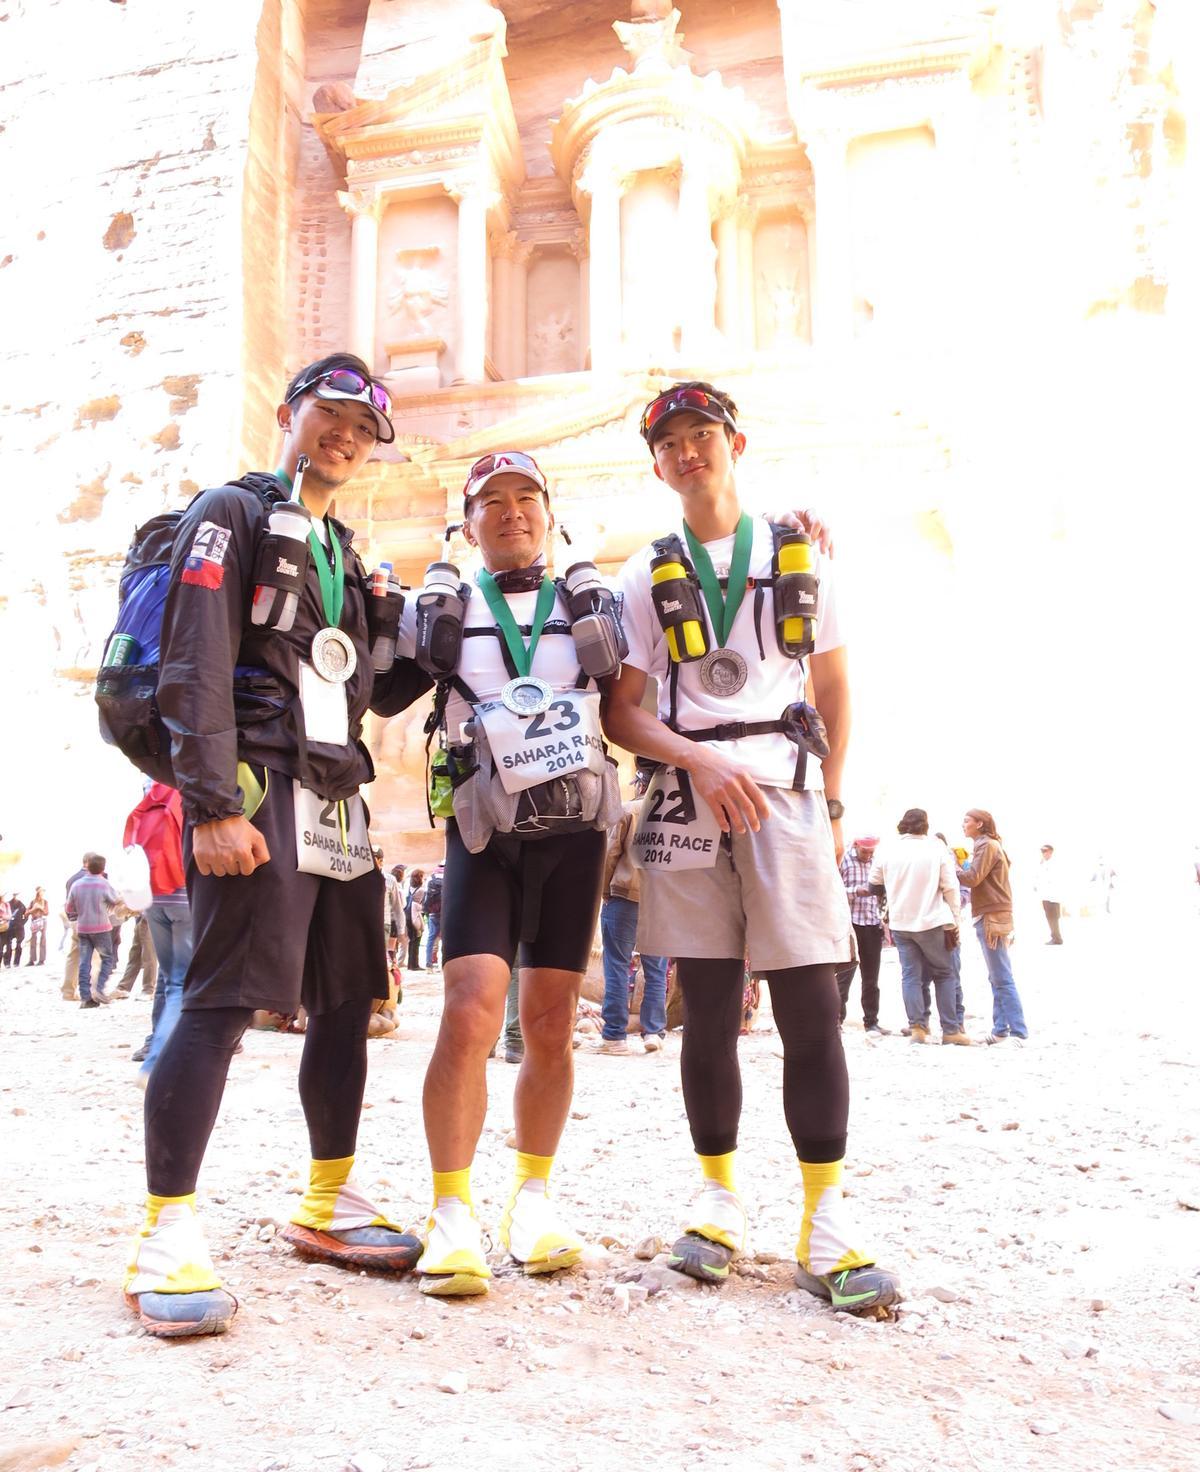 2014年,陳彥誠(右)與父親陳焜耀(中)、弟弟陳彥誌(左)一同挑戰撒哈拉沙漠超馬。(陳彥誠提供)